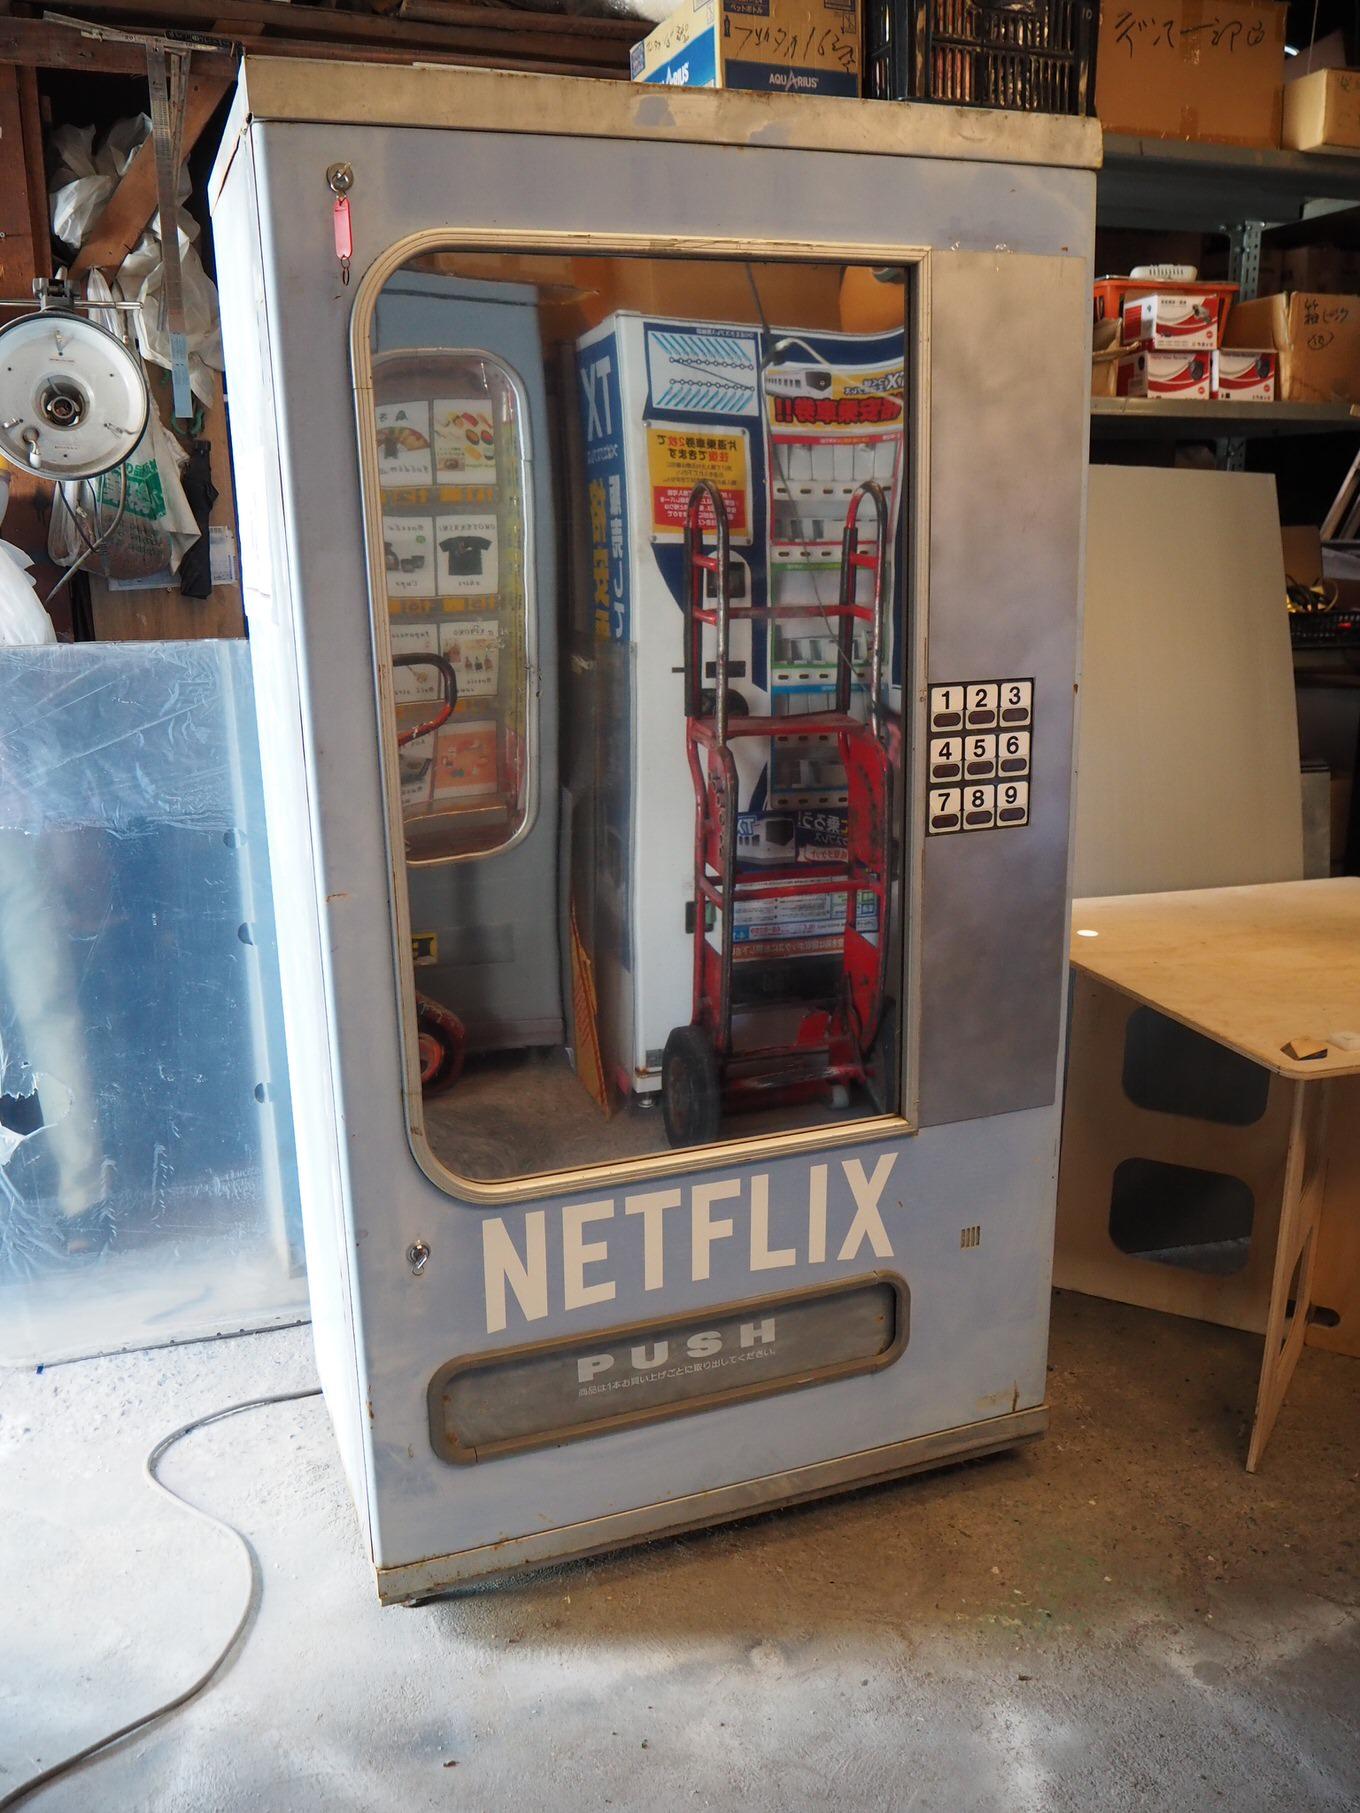 「全裸監督」のビニ本が配布されています!昔懐かしい自販機でサンプリング開始